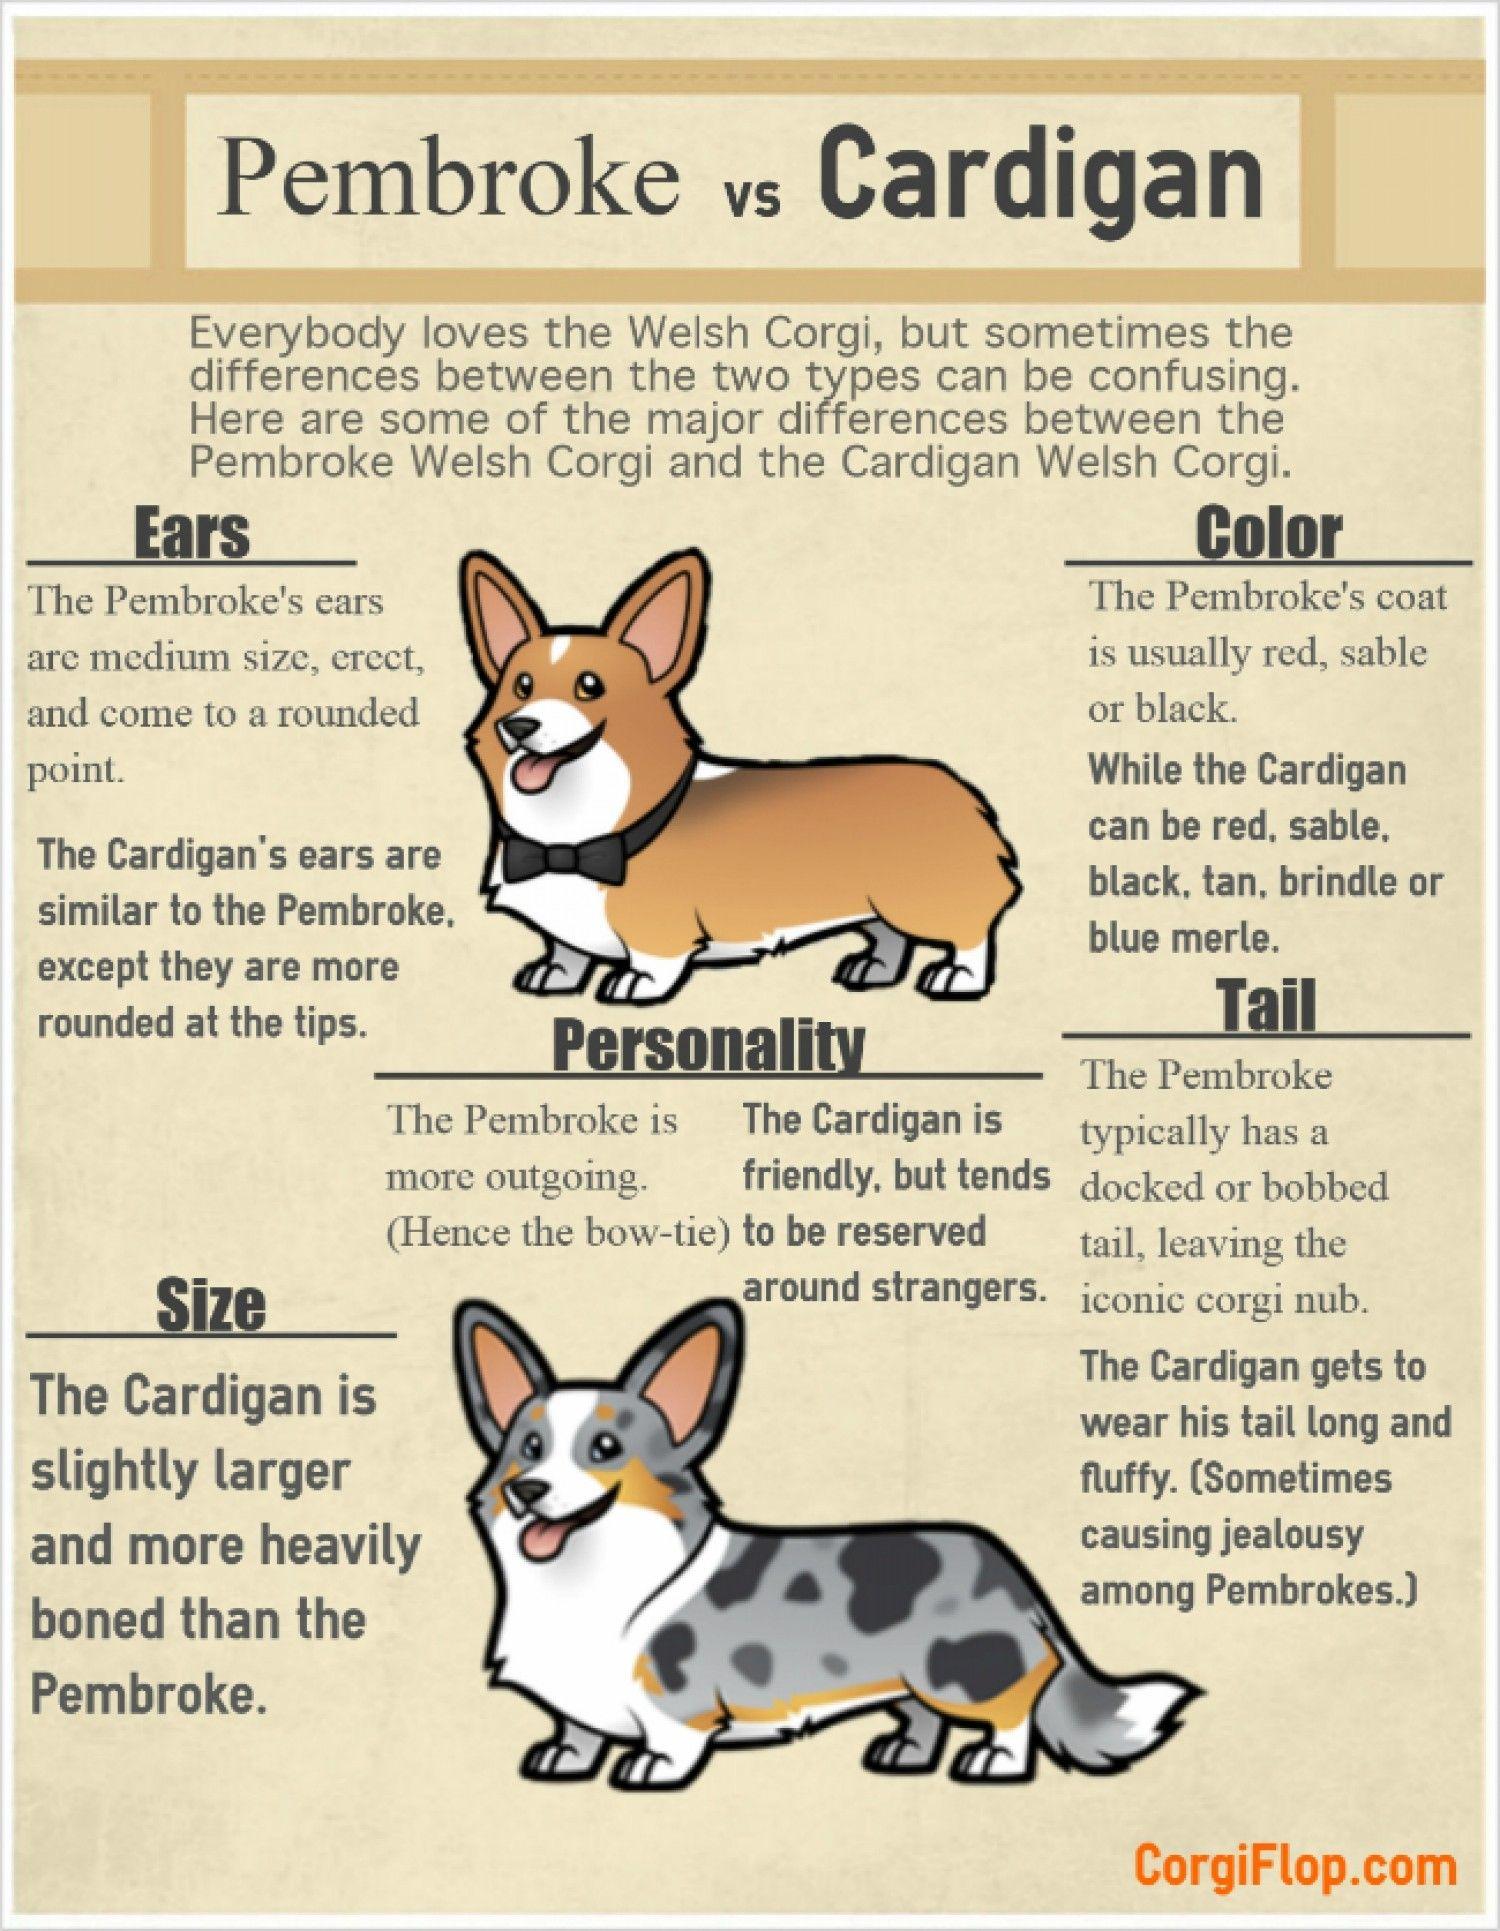 Pembroke Vs Cardigan Infographic For Fido Corgi Corgi